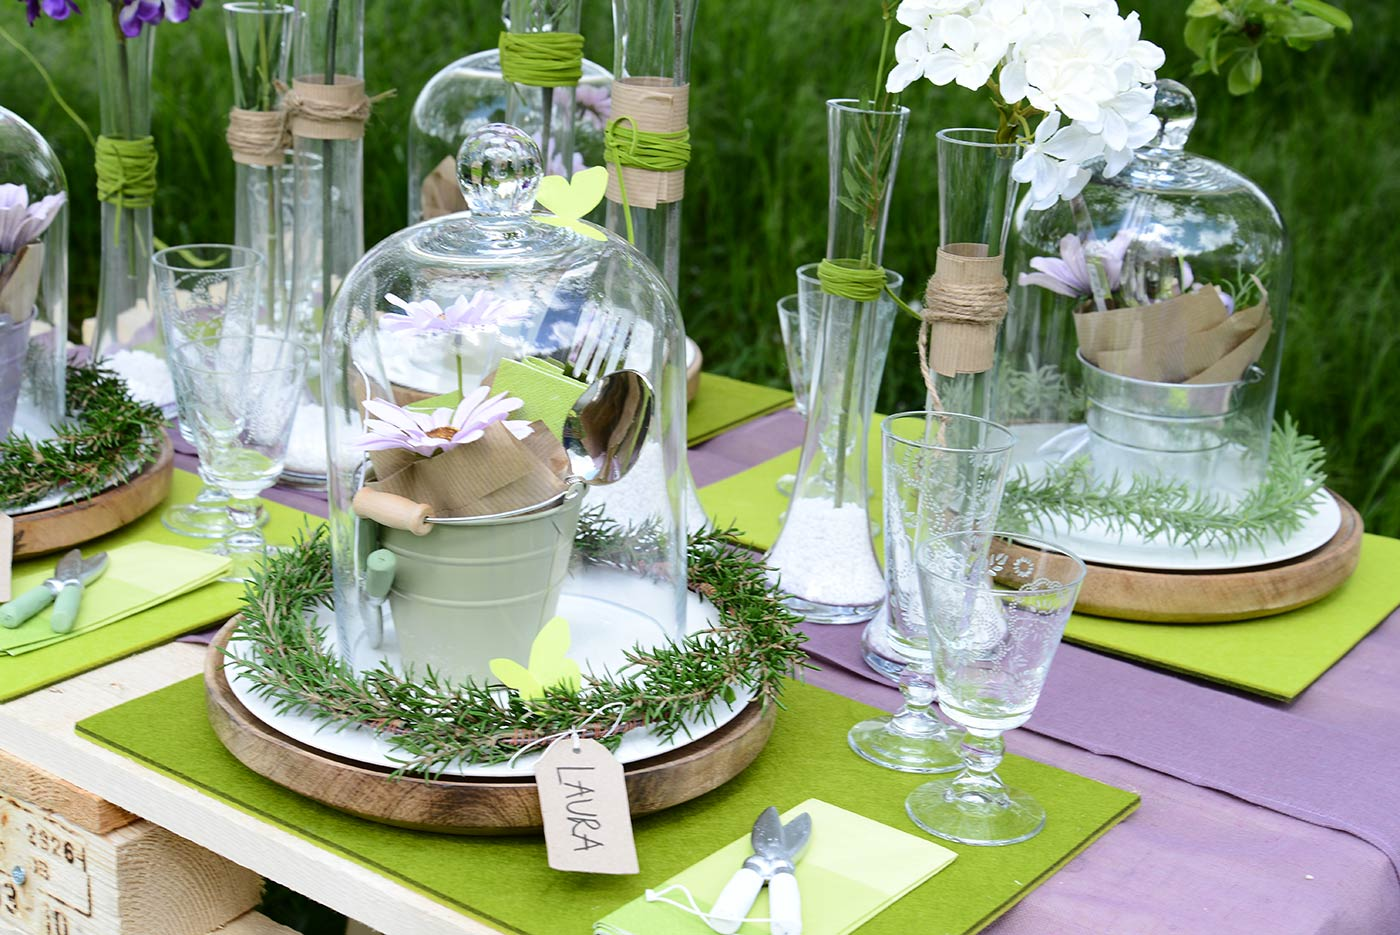 Keine gartenparty ohne den perfekt dekorierten tisch - Gartentisch dekorieren ...